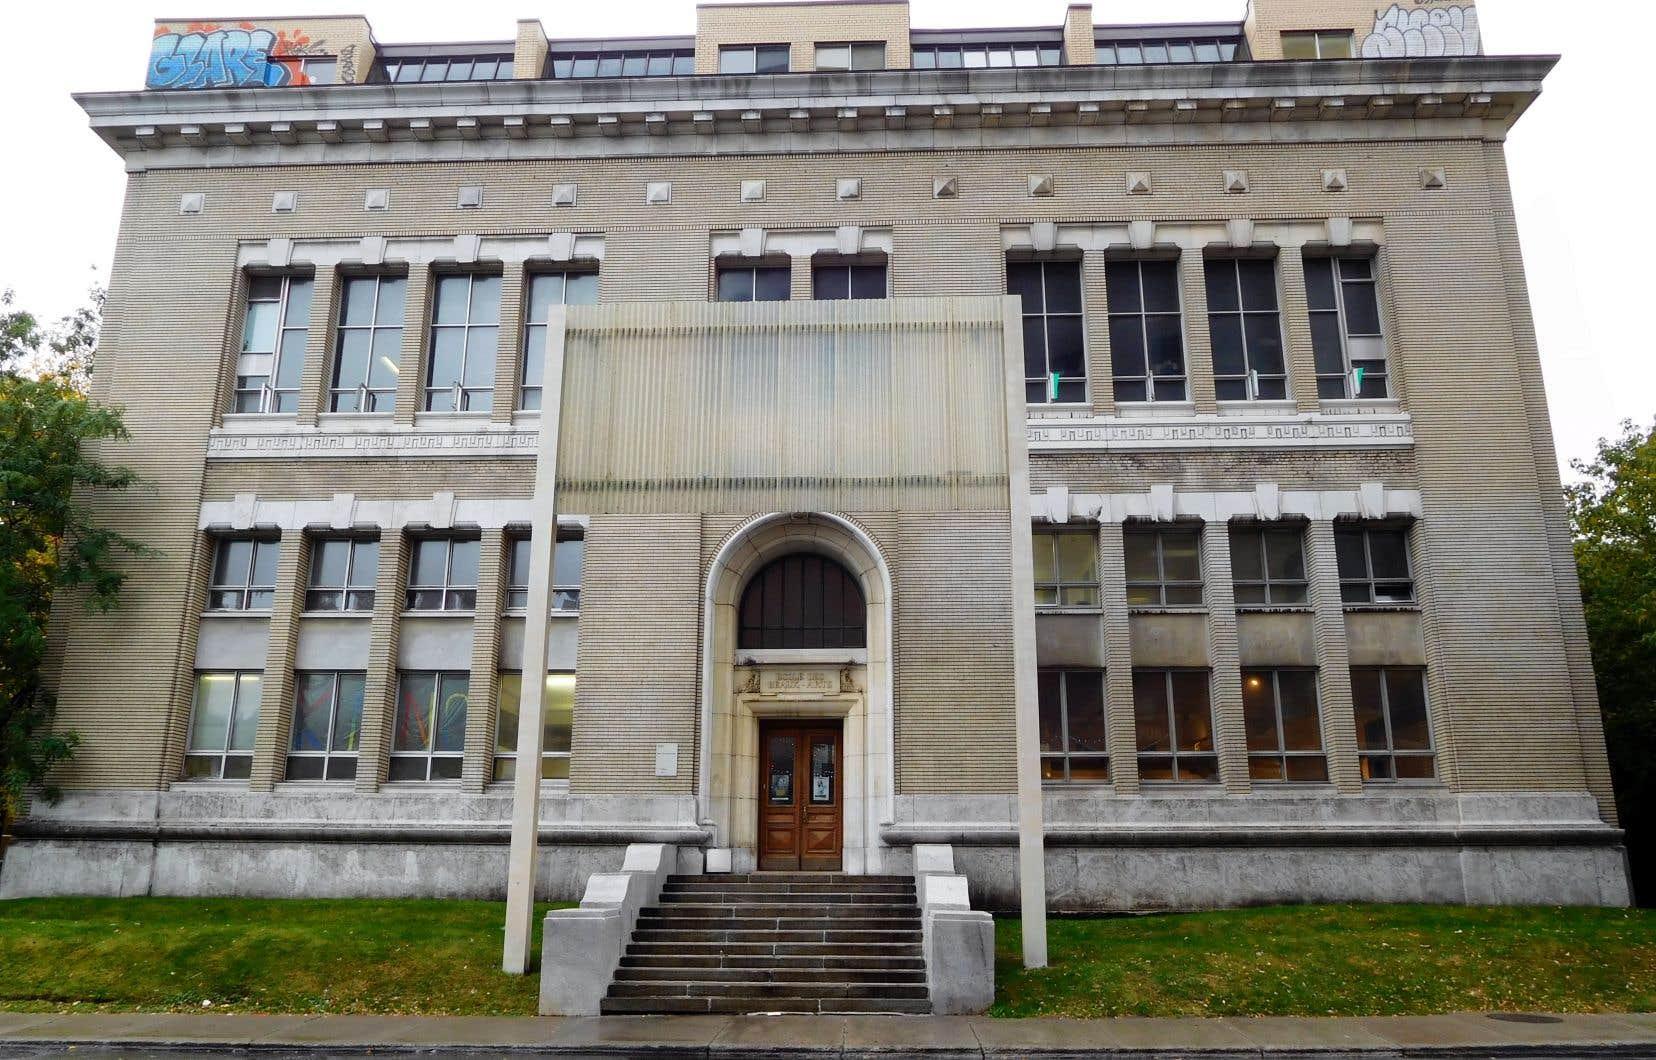 «Les architectes Omer Marchand et Ernest Cormier ont signé un magnifique bâtiment dans lequel de grandes salles pourraient facilement accueillir les grandes œuvres de Riopelle», écritFrançoise Sullivan.